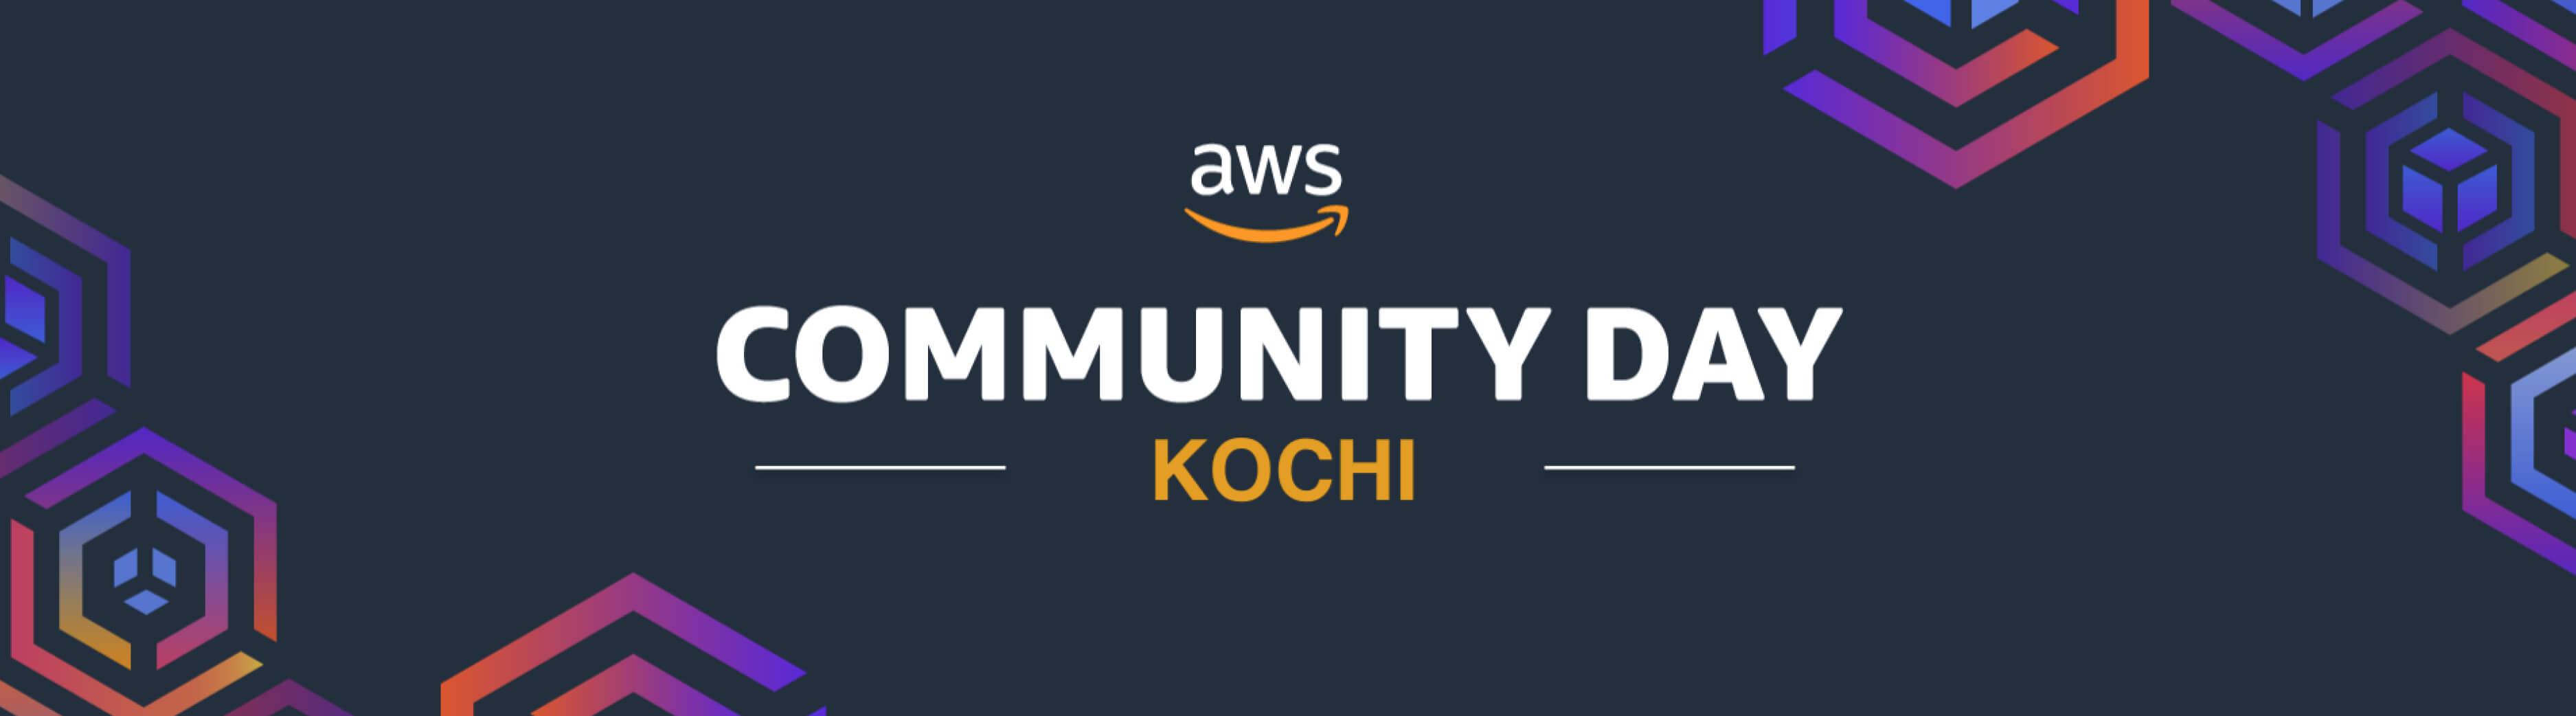 AWS Community Day Kochi - 2019